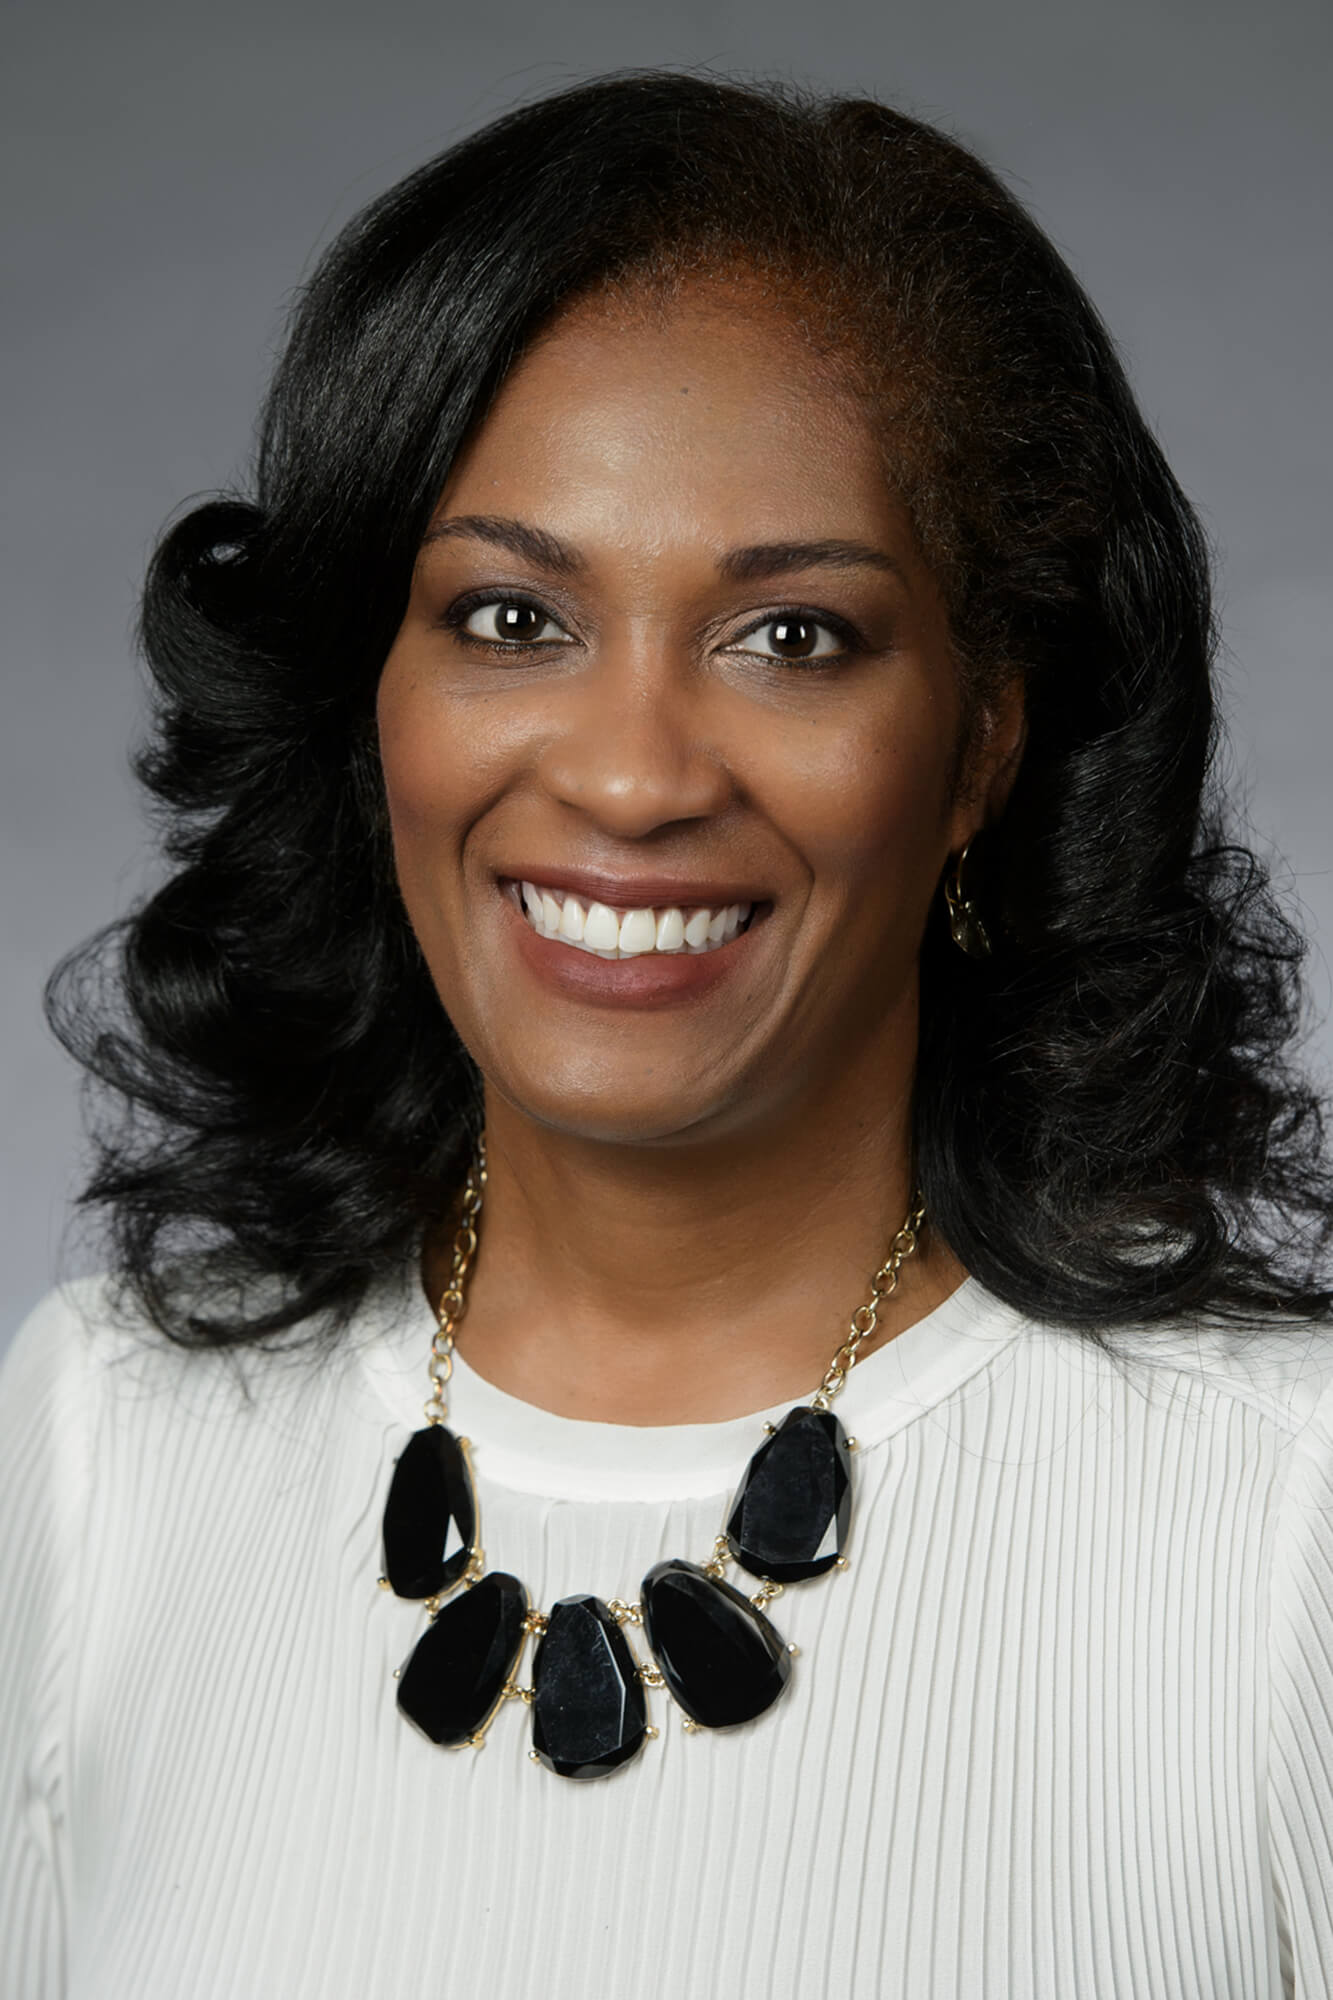 Valerie Utsey